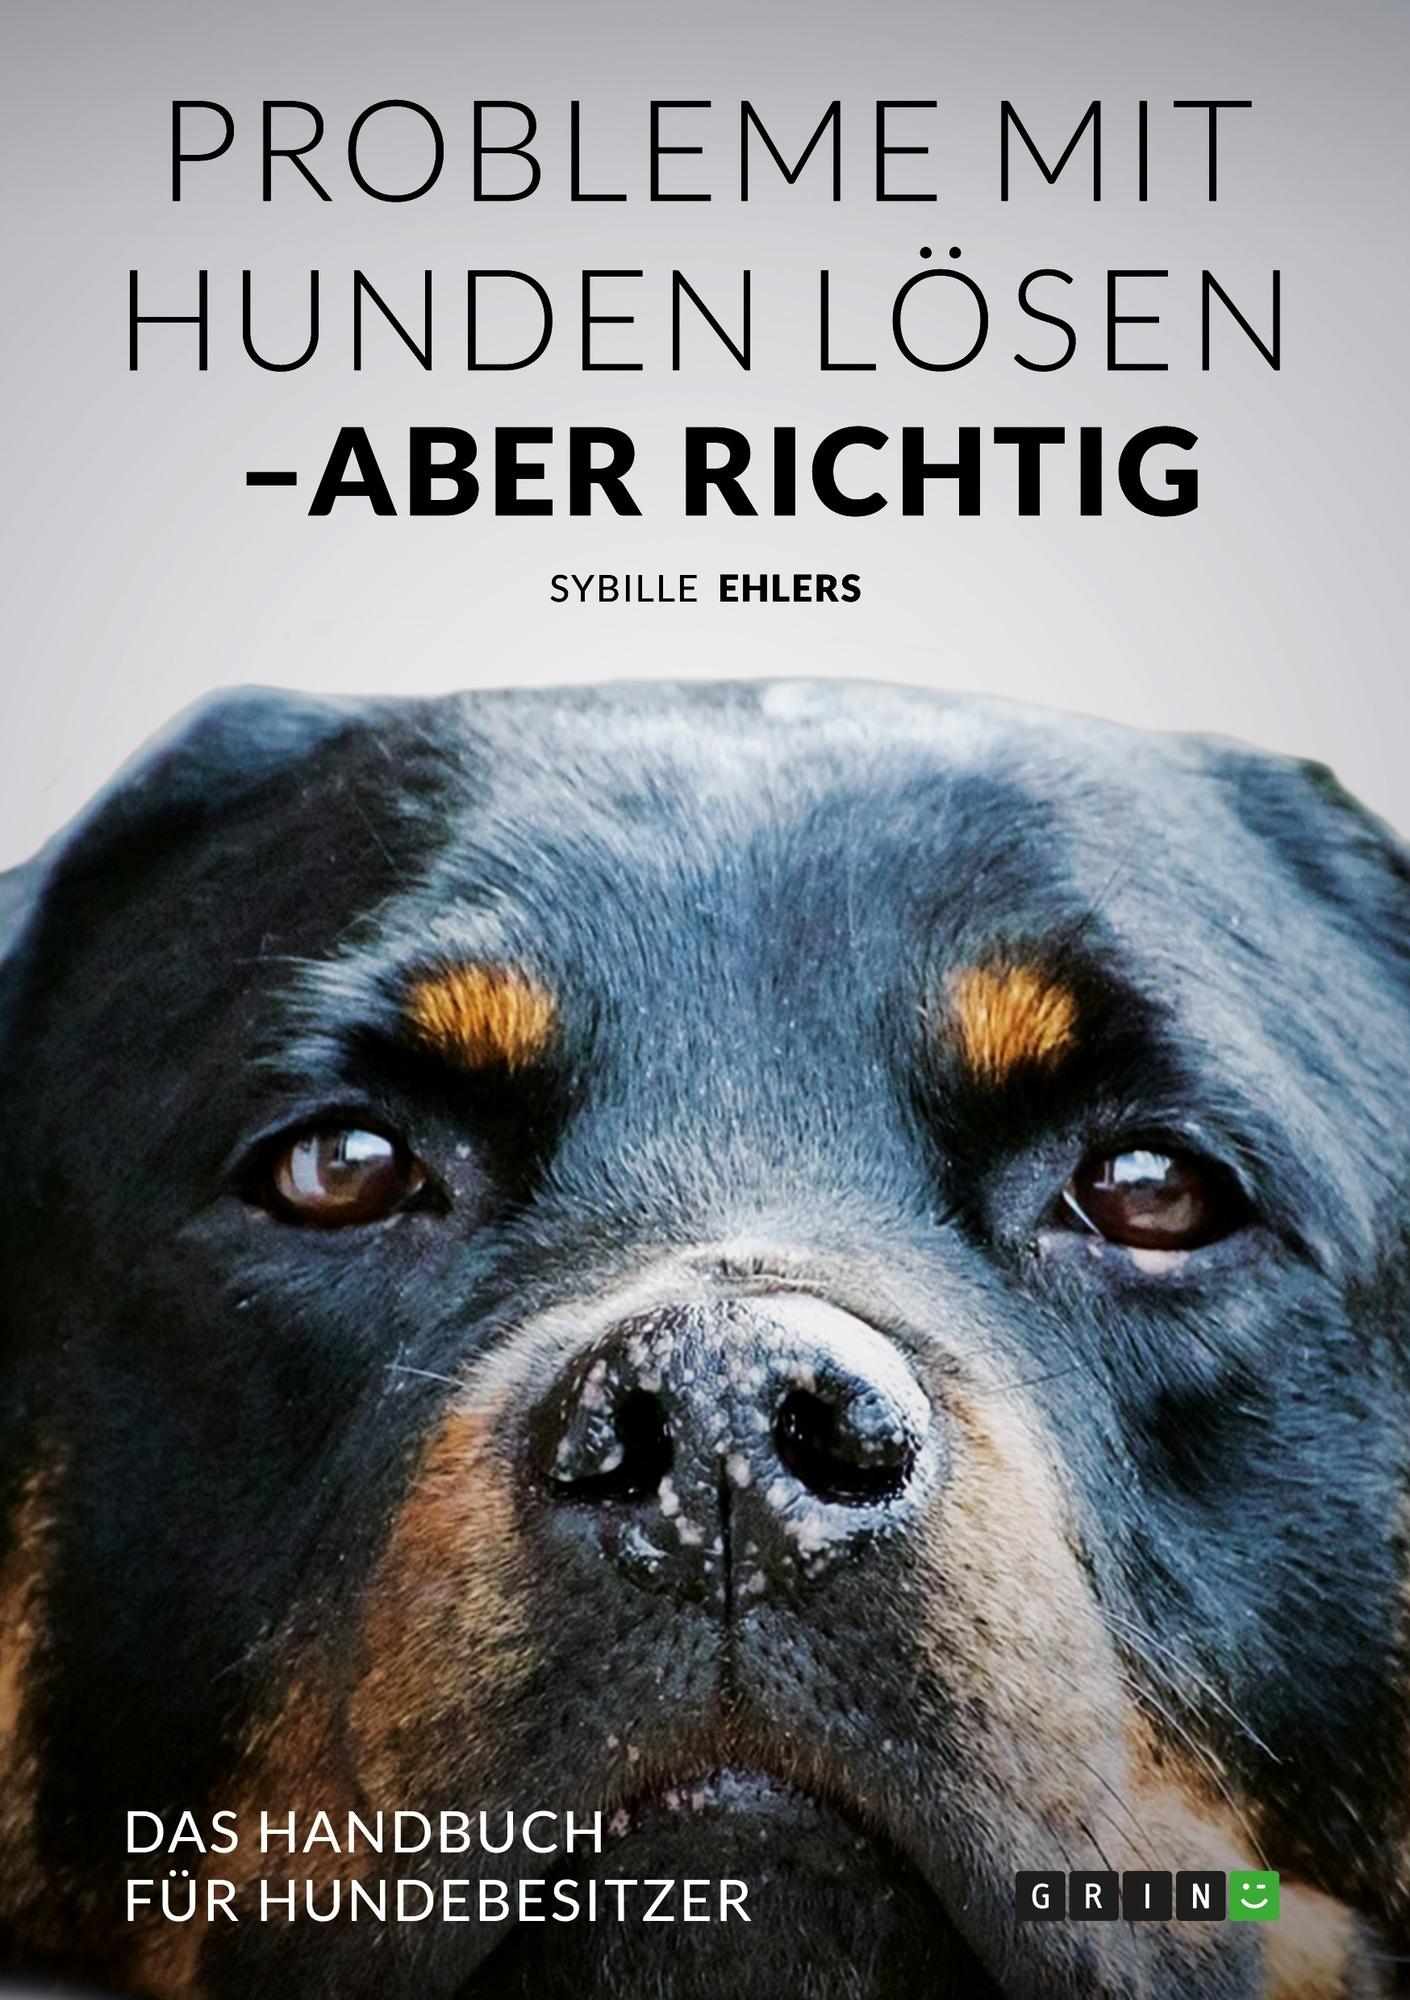 Titel: Probleme mit Hunden lösen – aber richtig